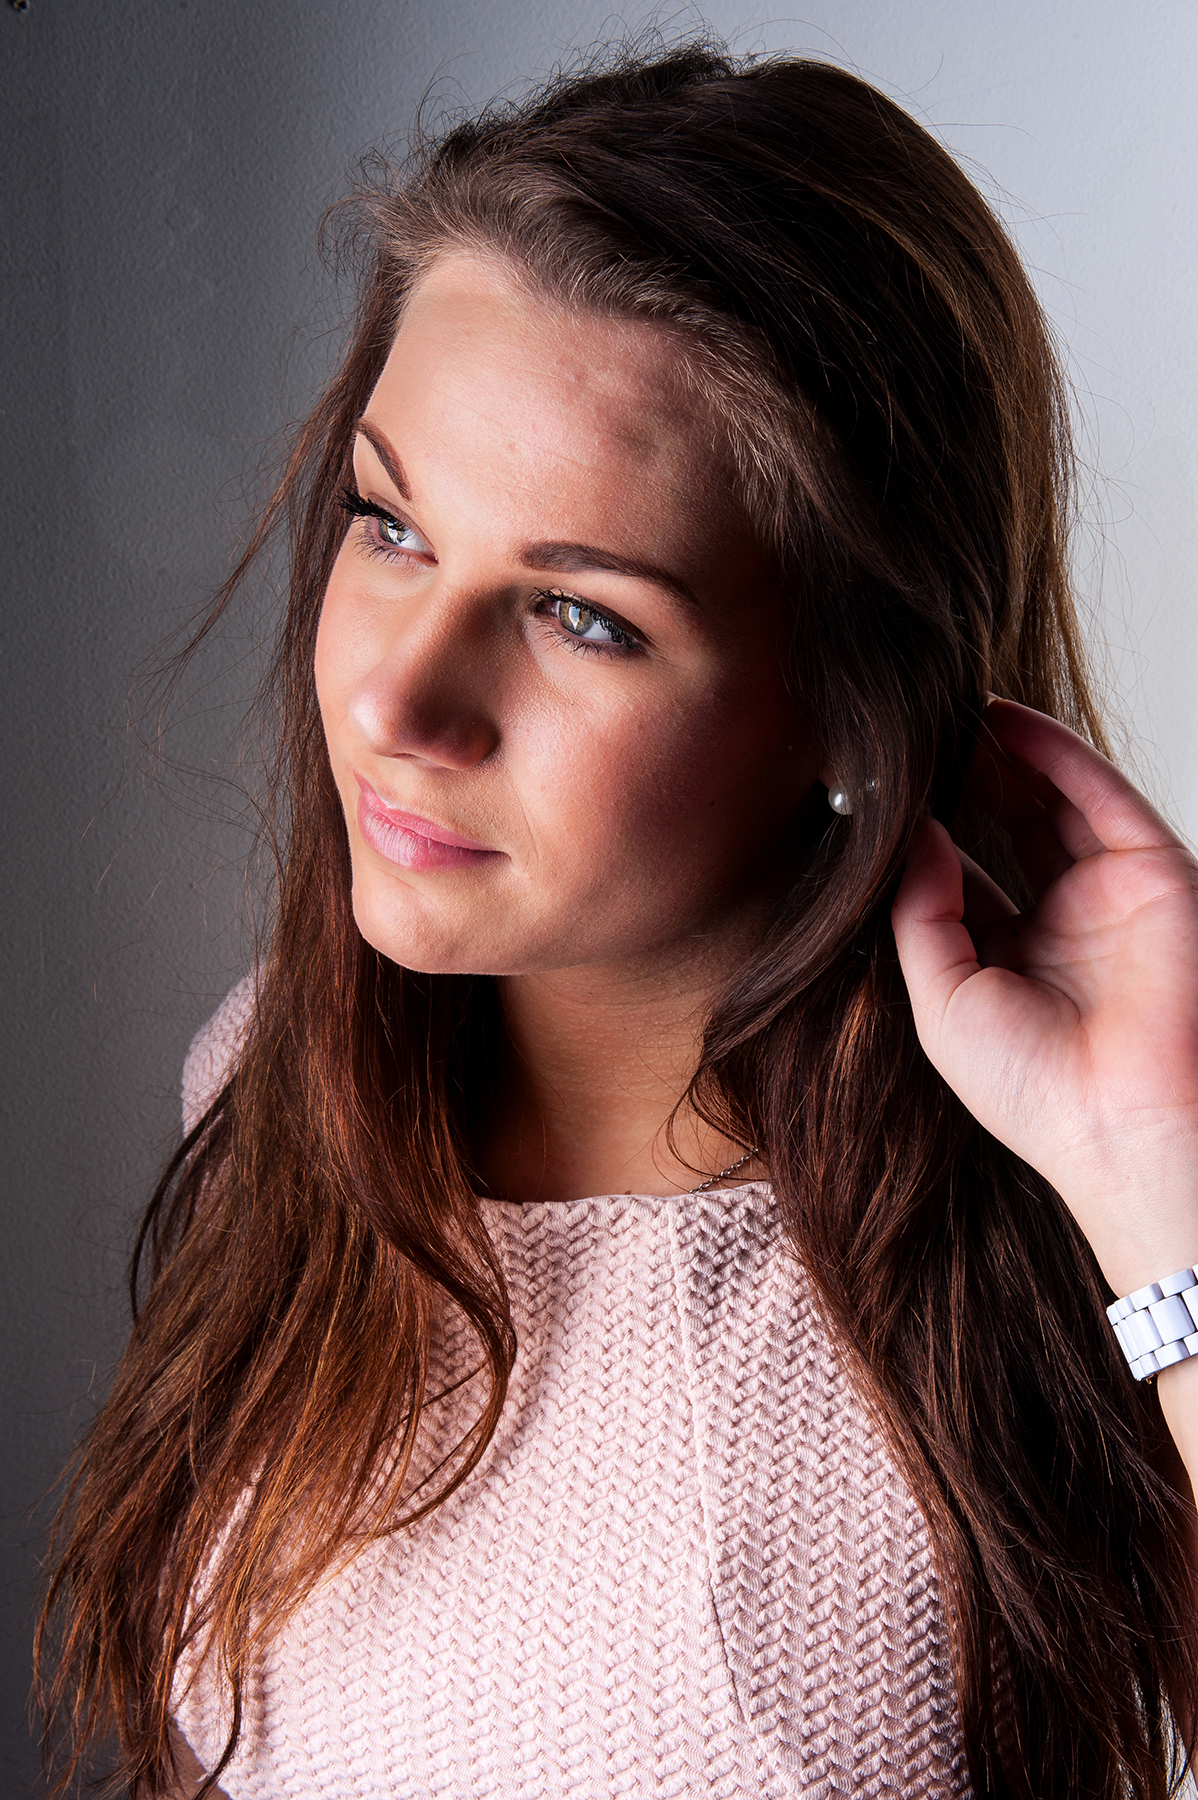 portretfotograaf-Hoeksche-waard